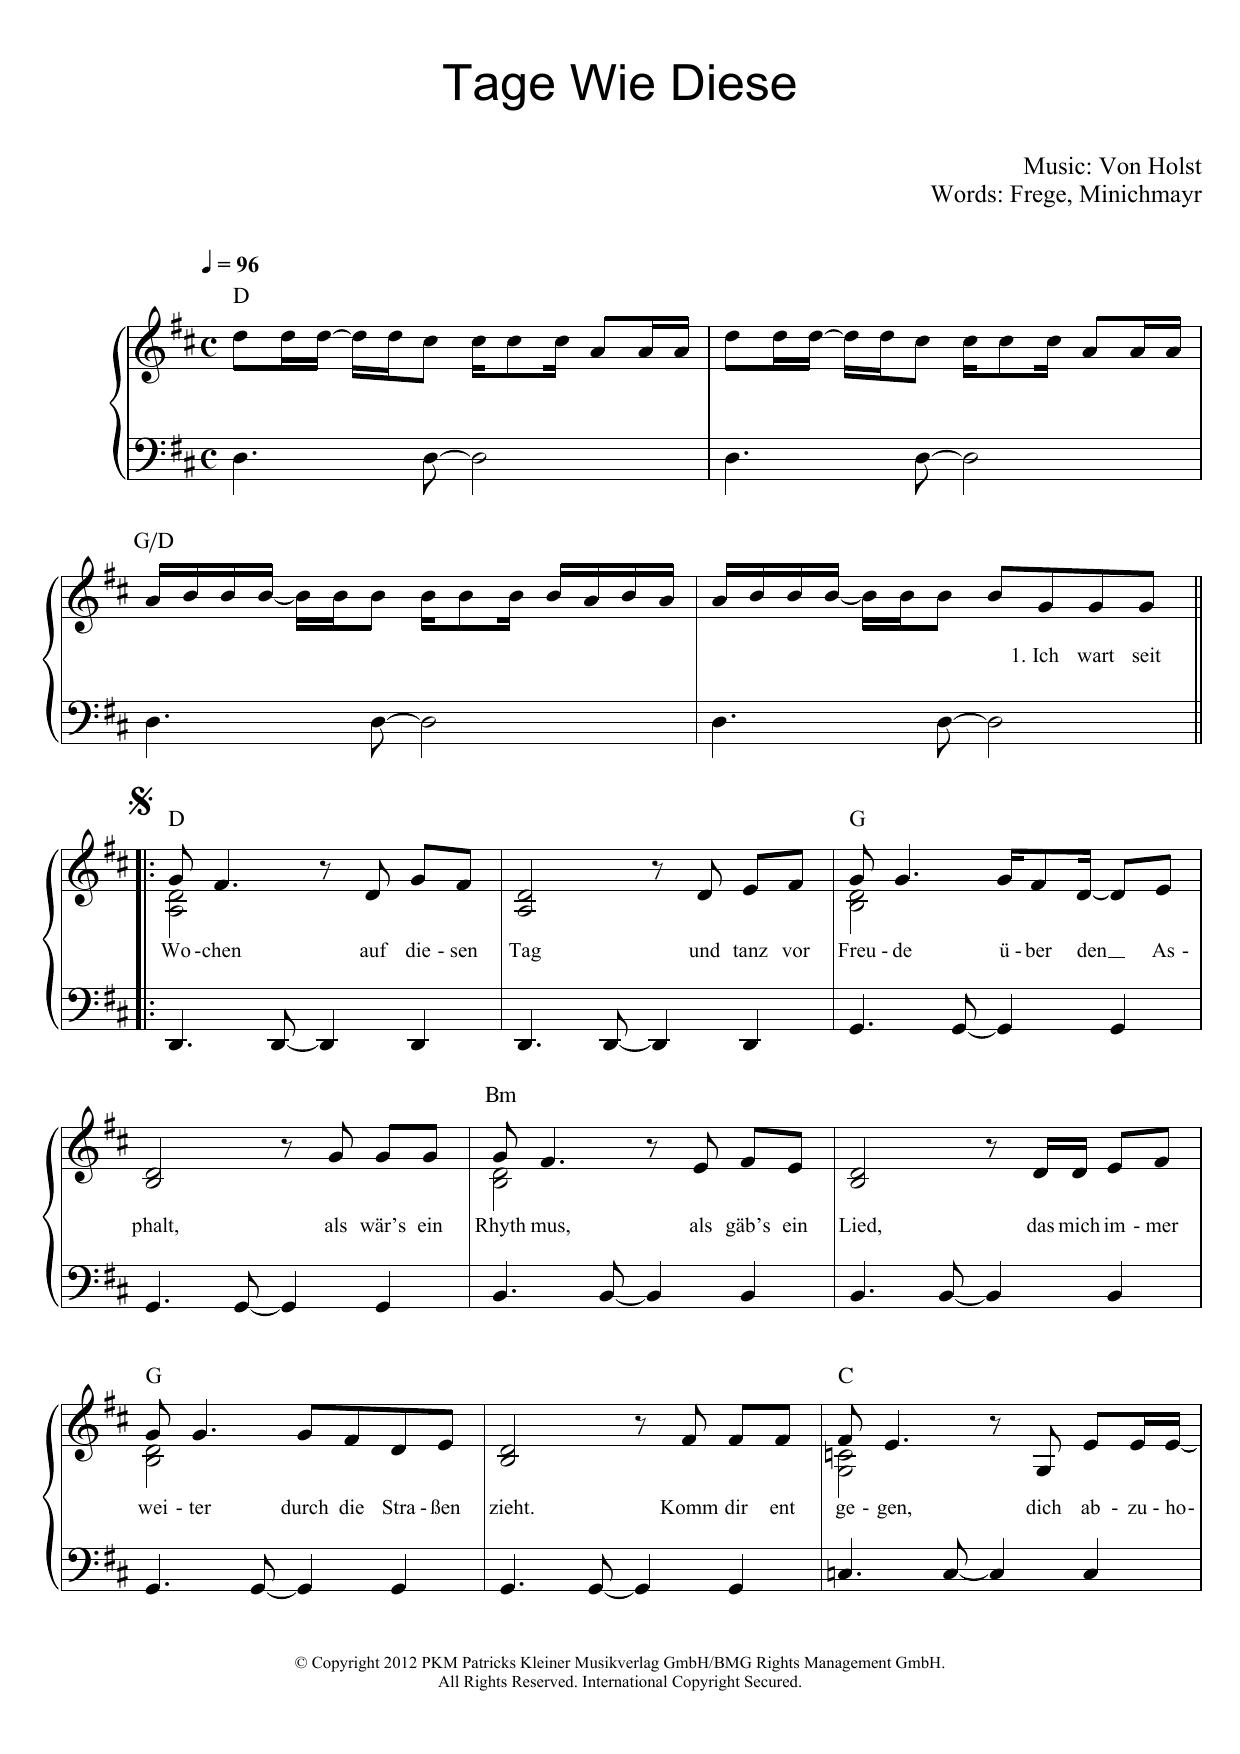 Tage Wie Diese Noten | Die Toten Hosen | Klavier & Gesang über Tage Wie Diese Noten Kostenlos